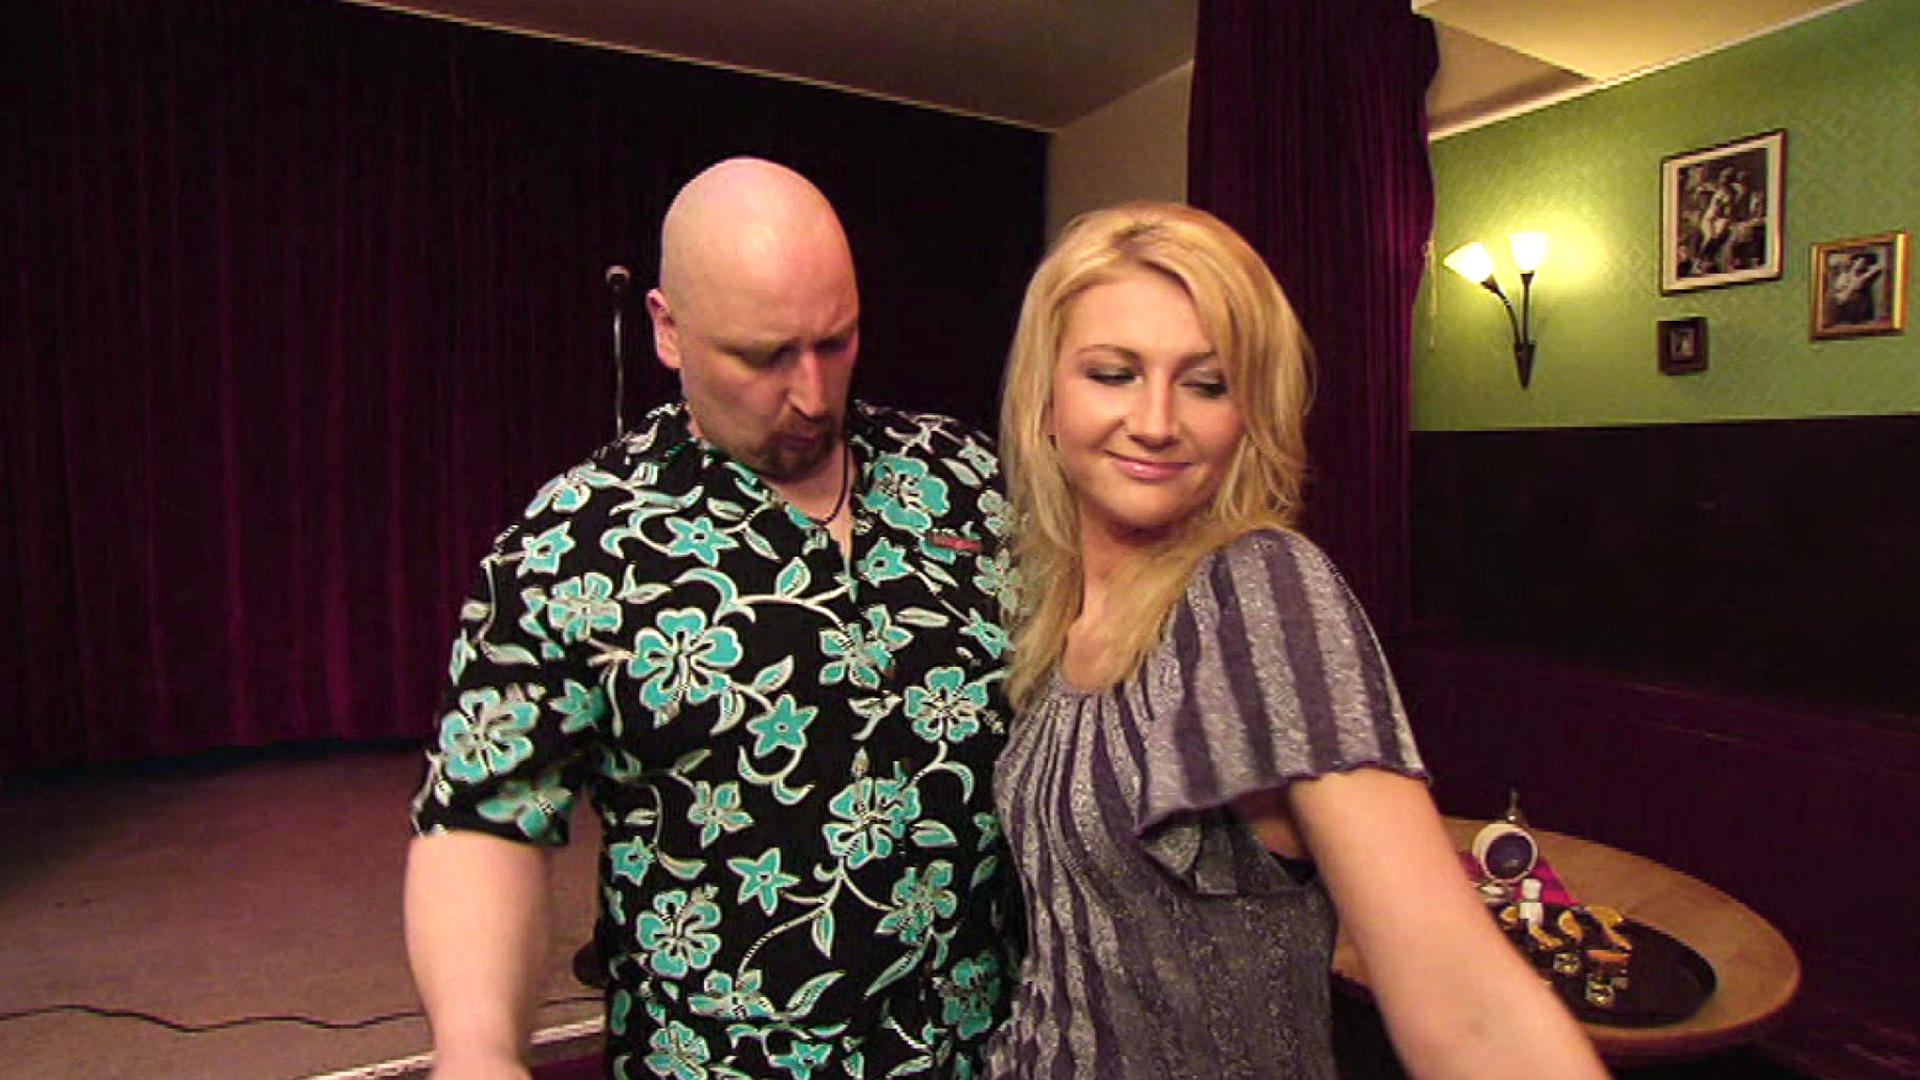 Ehemann belästigt alle möglichen Frauen | Folge 133